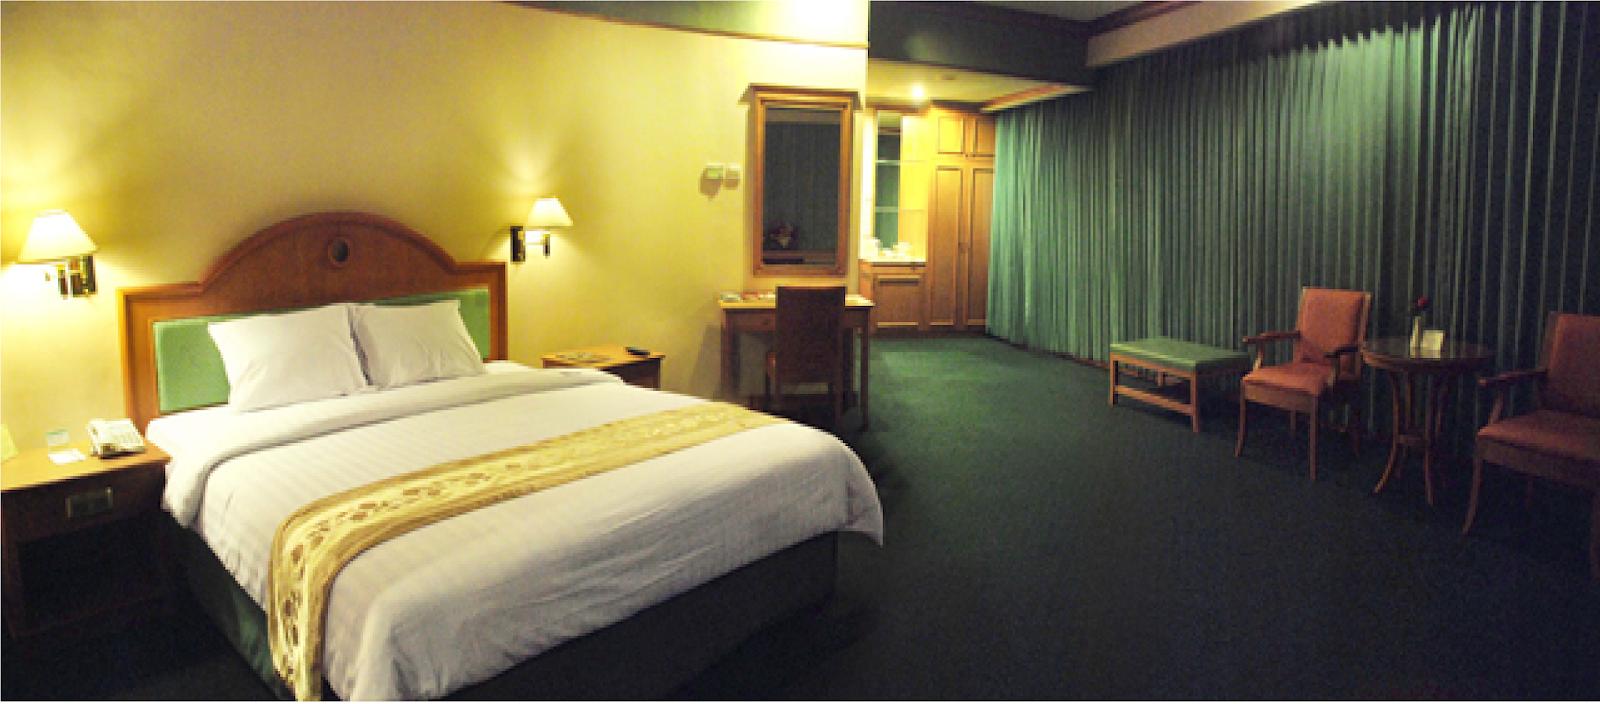 Tunjungan Hotel mewah, dan murah di kota Surabaya